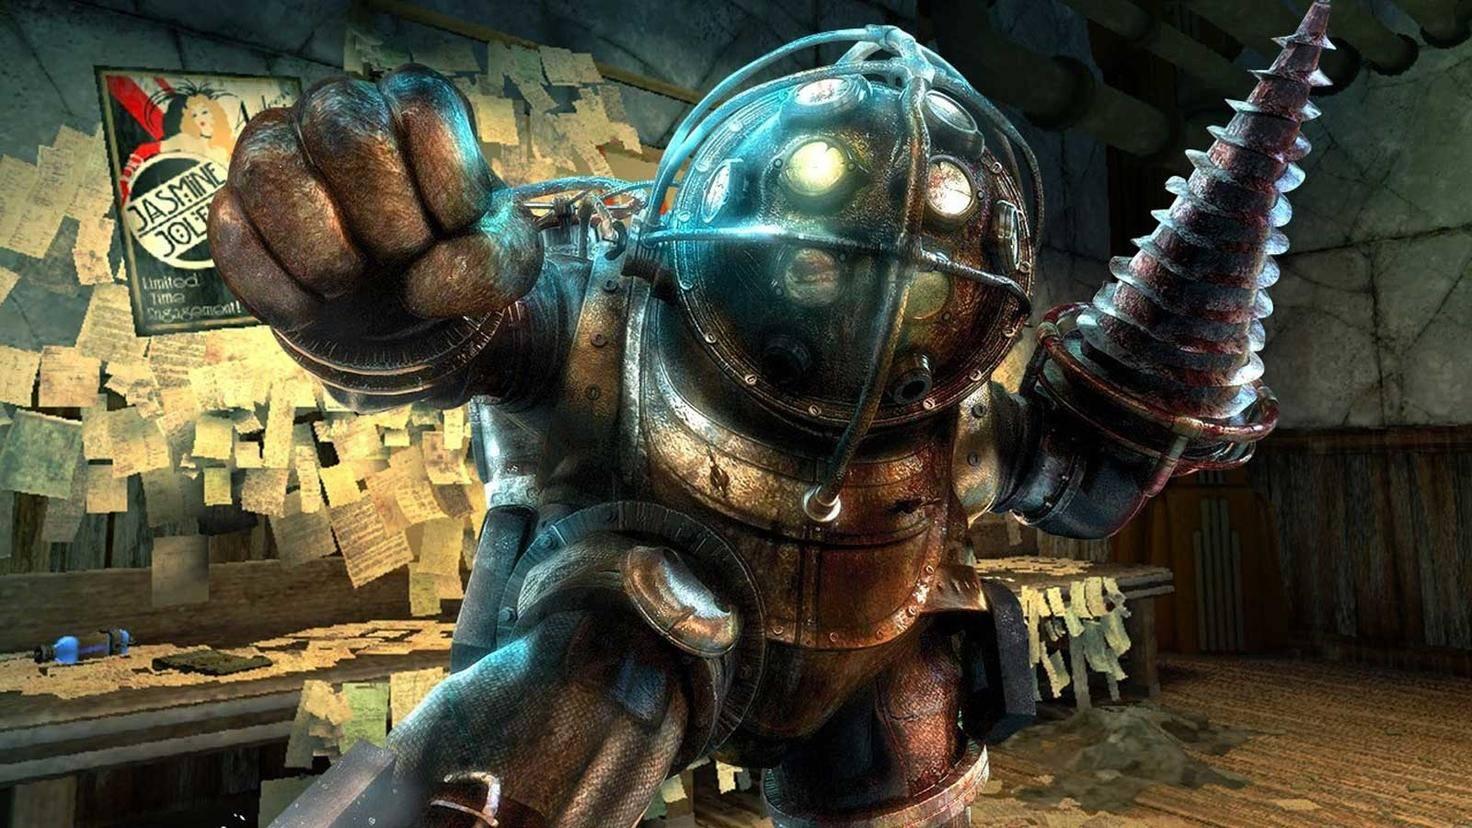 """Wenn Dich ein Gegner in """"BioShock"""" überfällt, zielt er beim ersten Schuss immer daneben."""